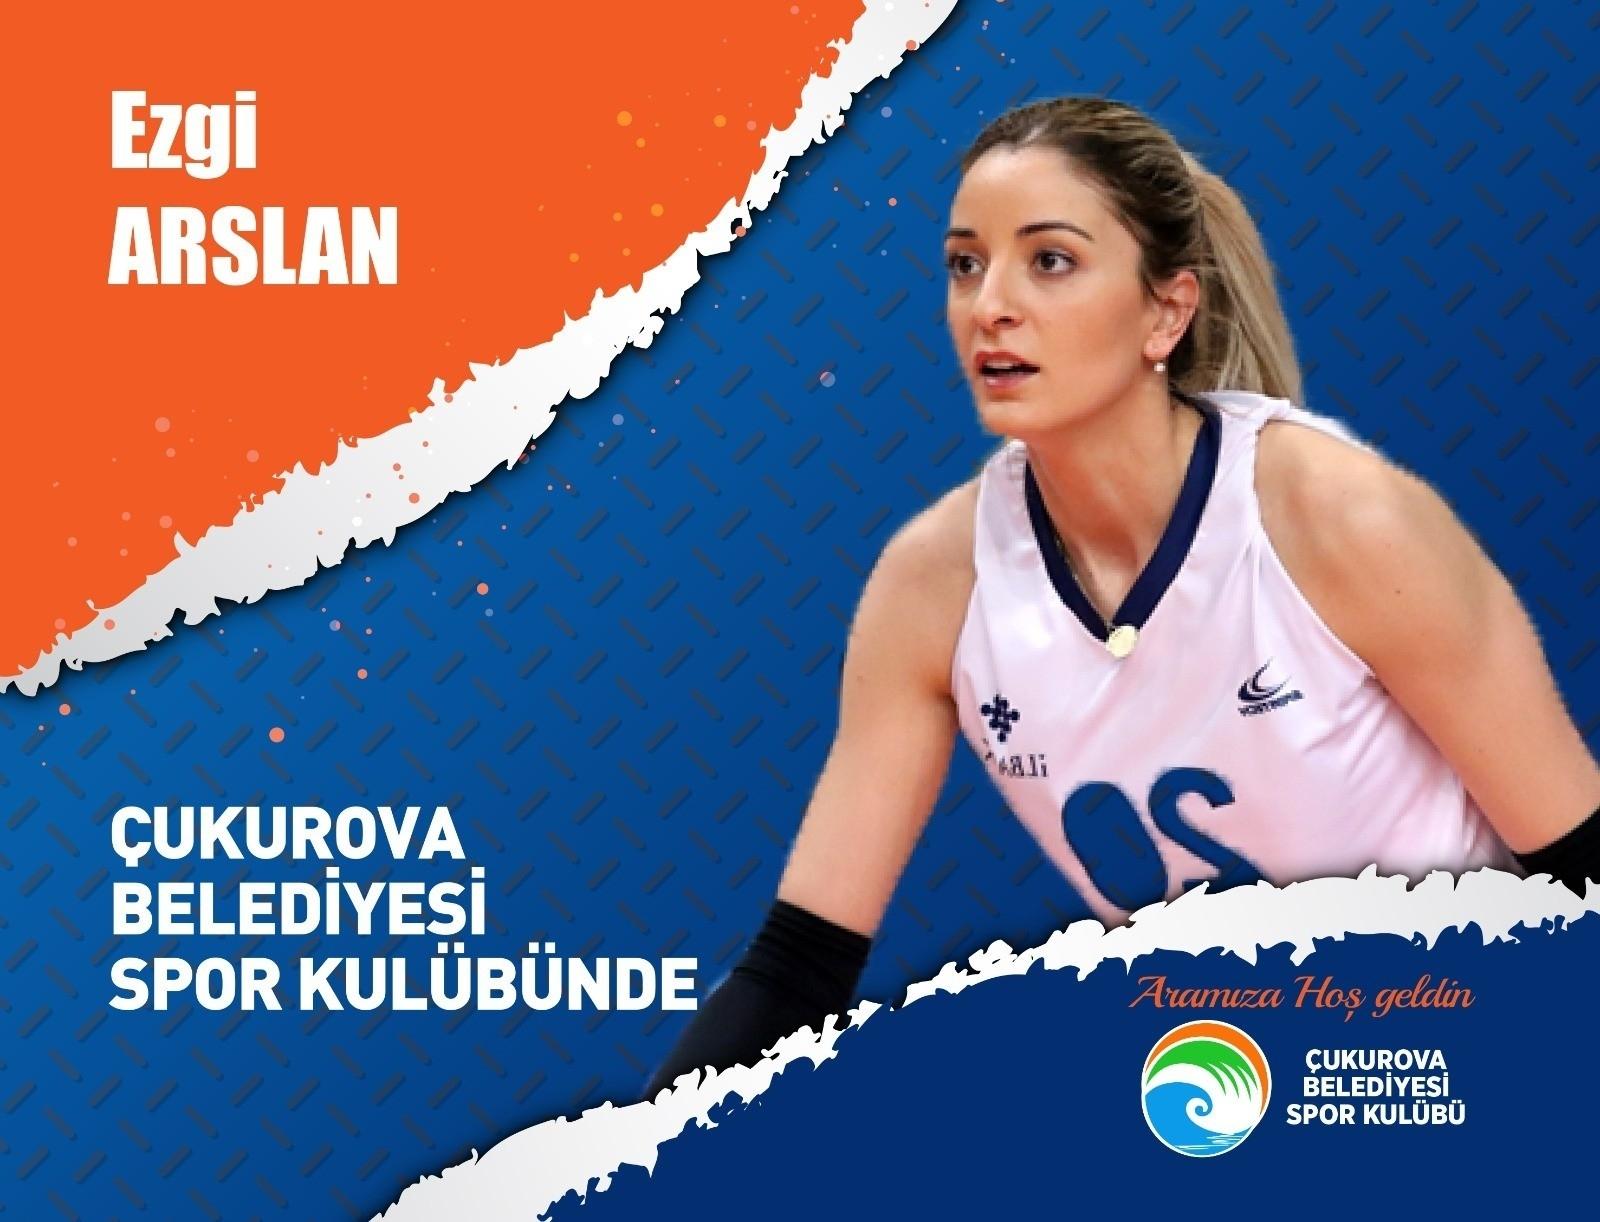 2021/06/cukurova-belediyesi-spor-kulubunden-6-transfer-20210607AW33-2.jpg